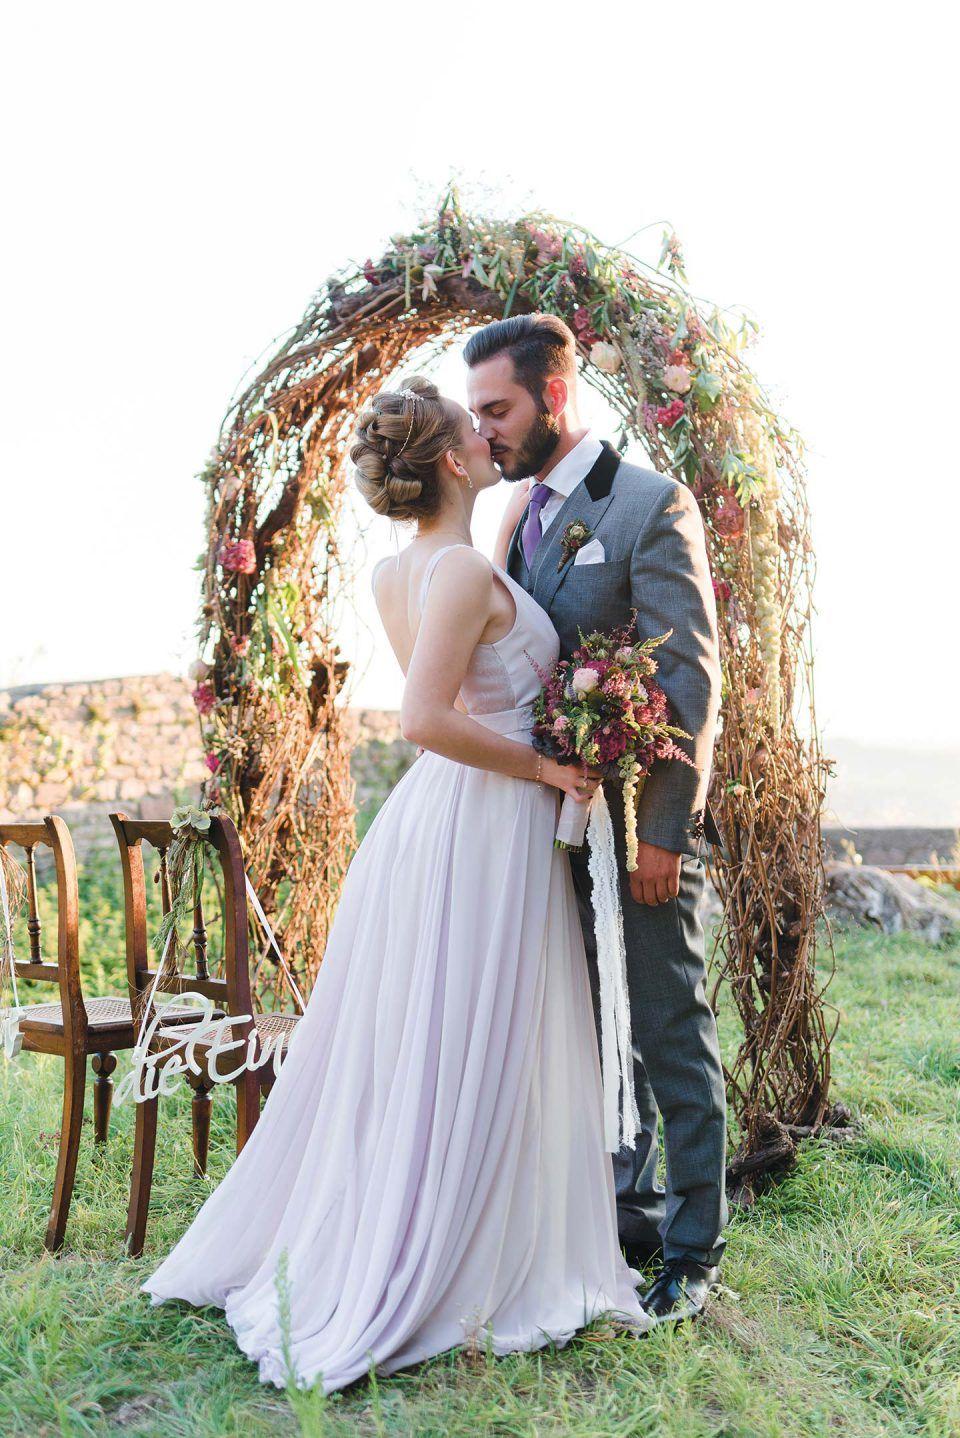 Burgruine Schauenburg Naturlichkeit Trifft Tradition Hochzeitswahn Sei Inspiriert Kleid Hochzeit Brautjungfernkleid Hochzeit